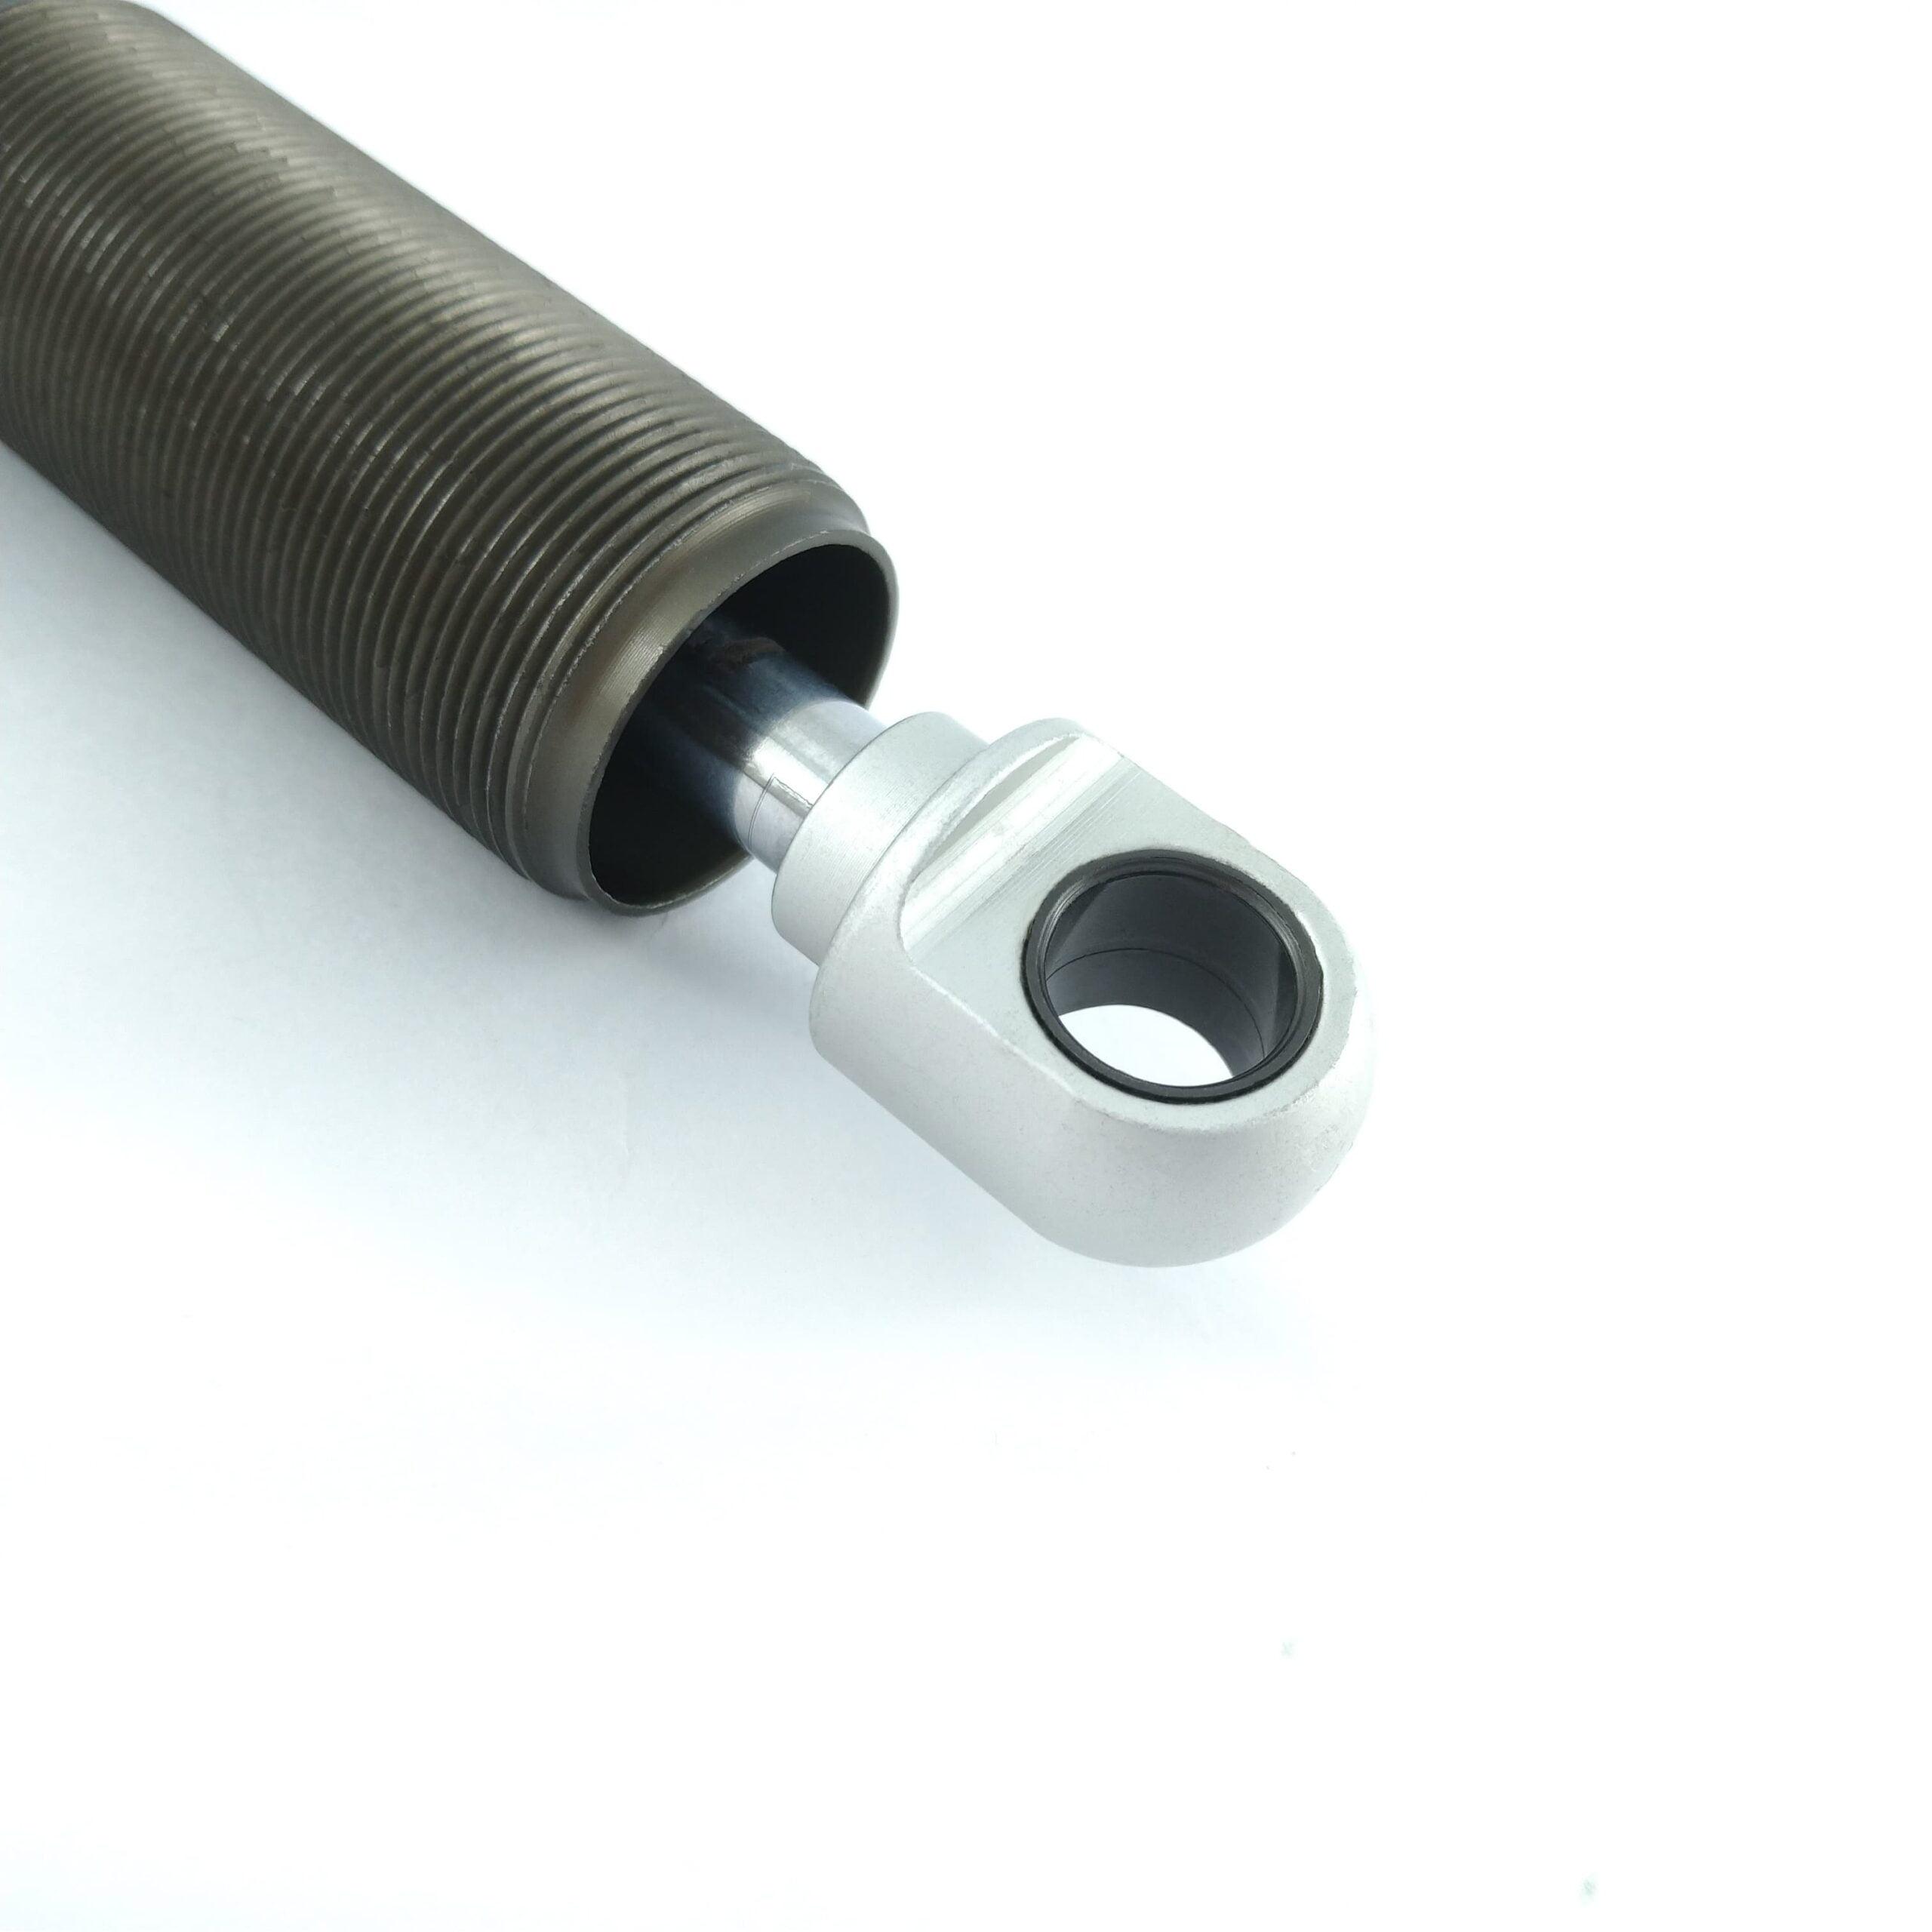 自行車-避震器轉點-自潤軸承-應用範例-謙淳